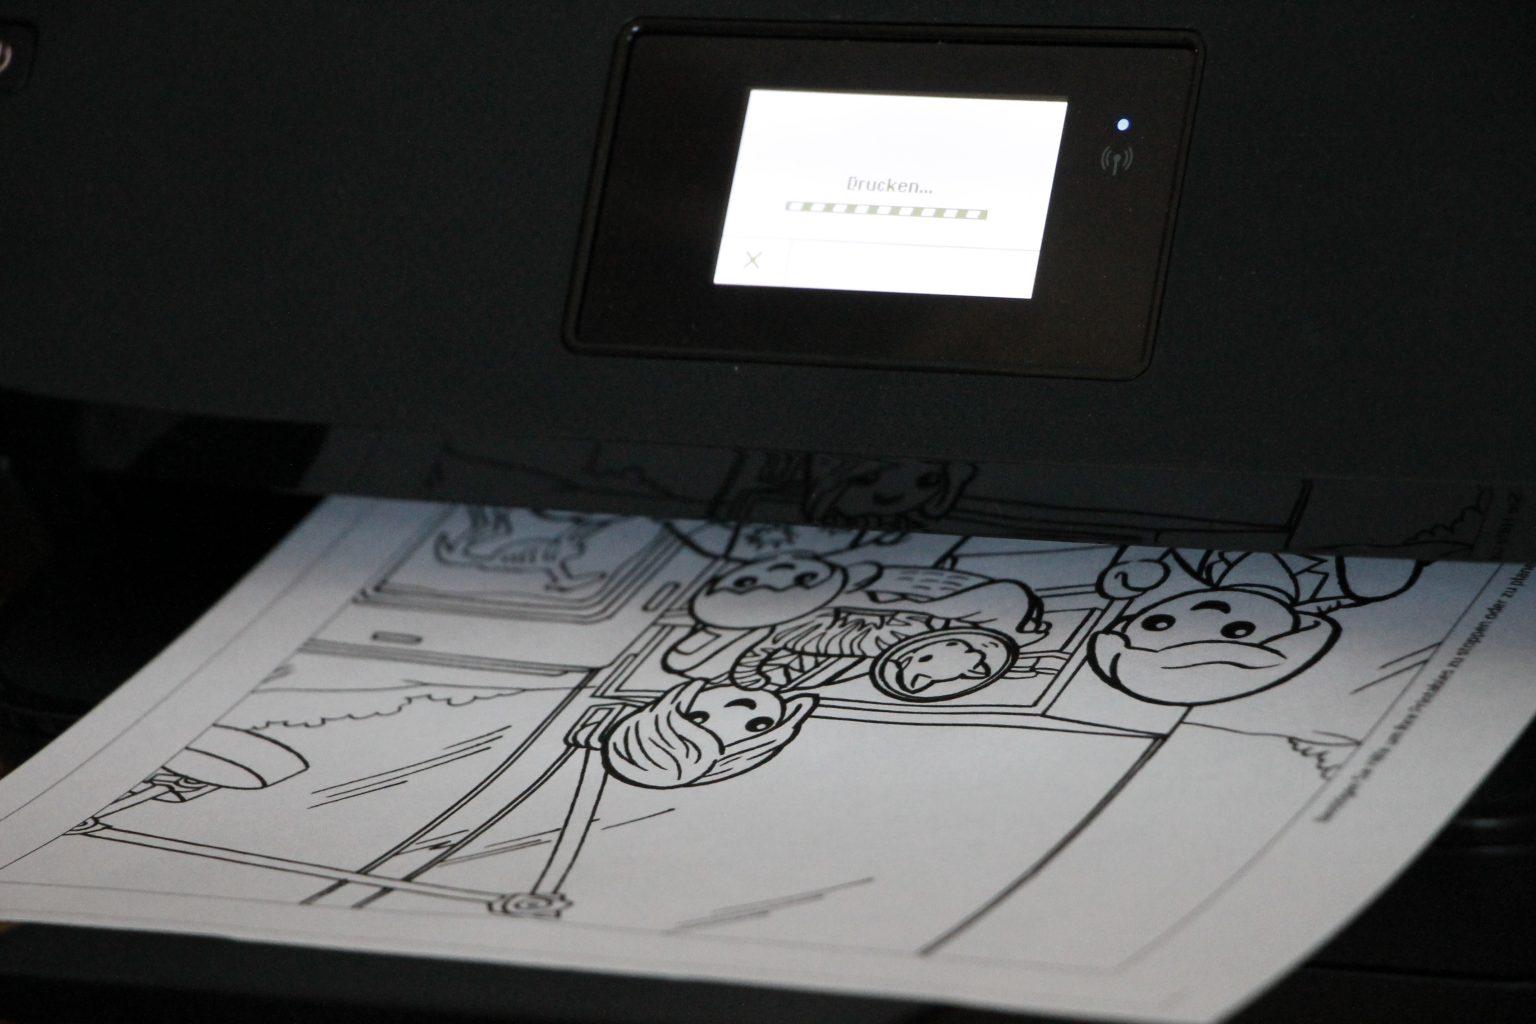 Drucken mit HP Instant Ink